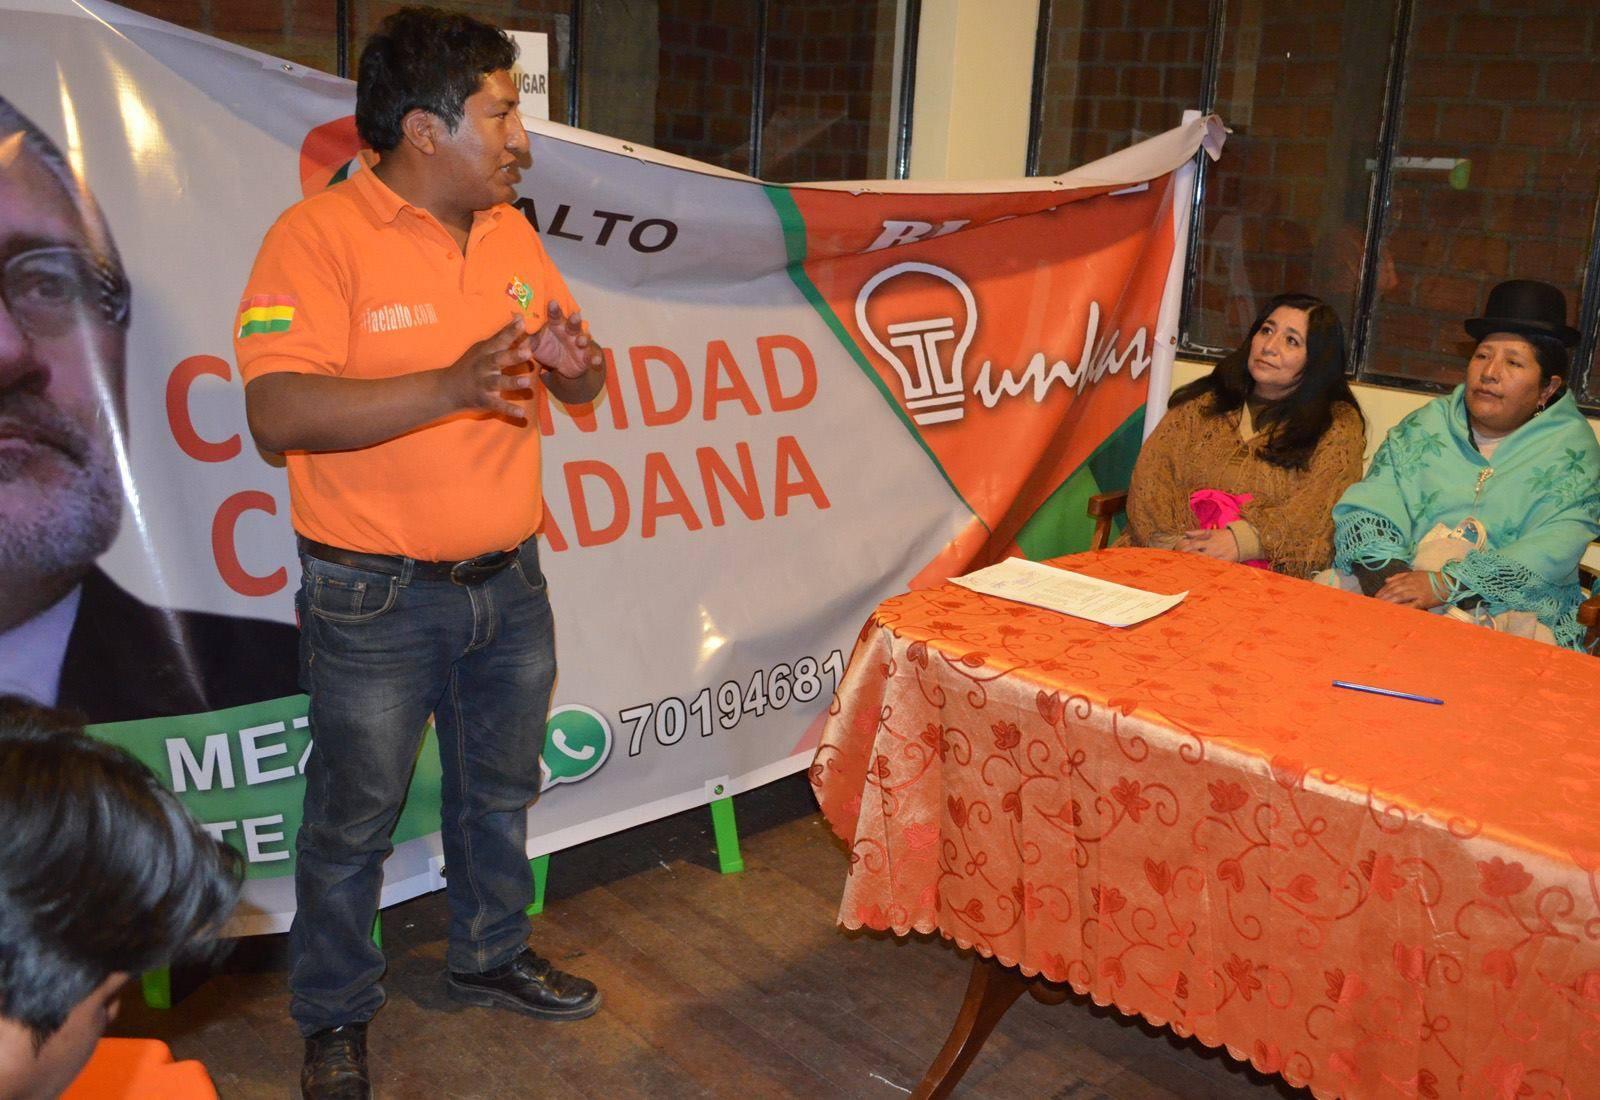 Tunkas es la agrupación que apoya la candidatura de Comunidad Ciudadana en El Alto / PRENSA TUNKAS